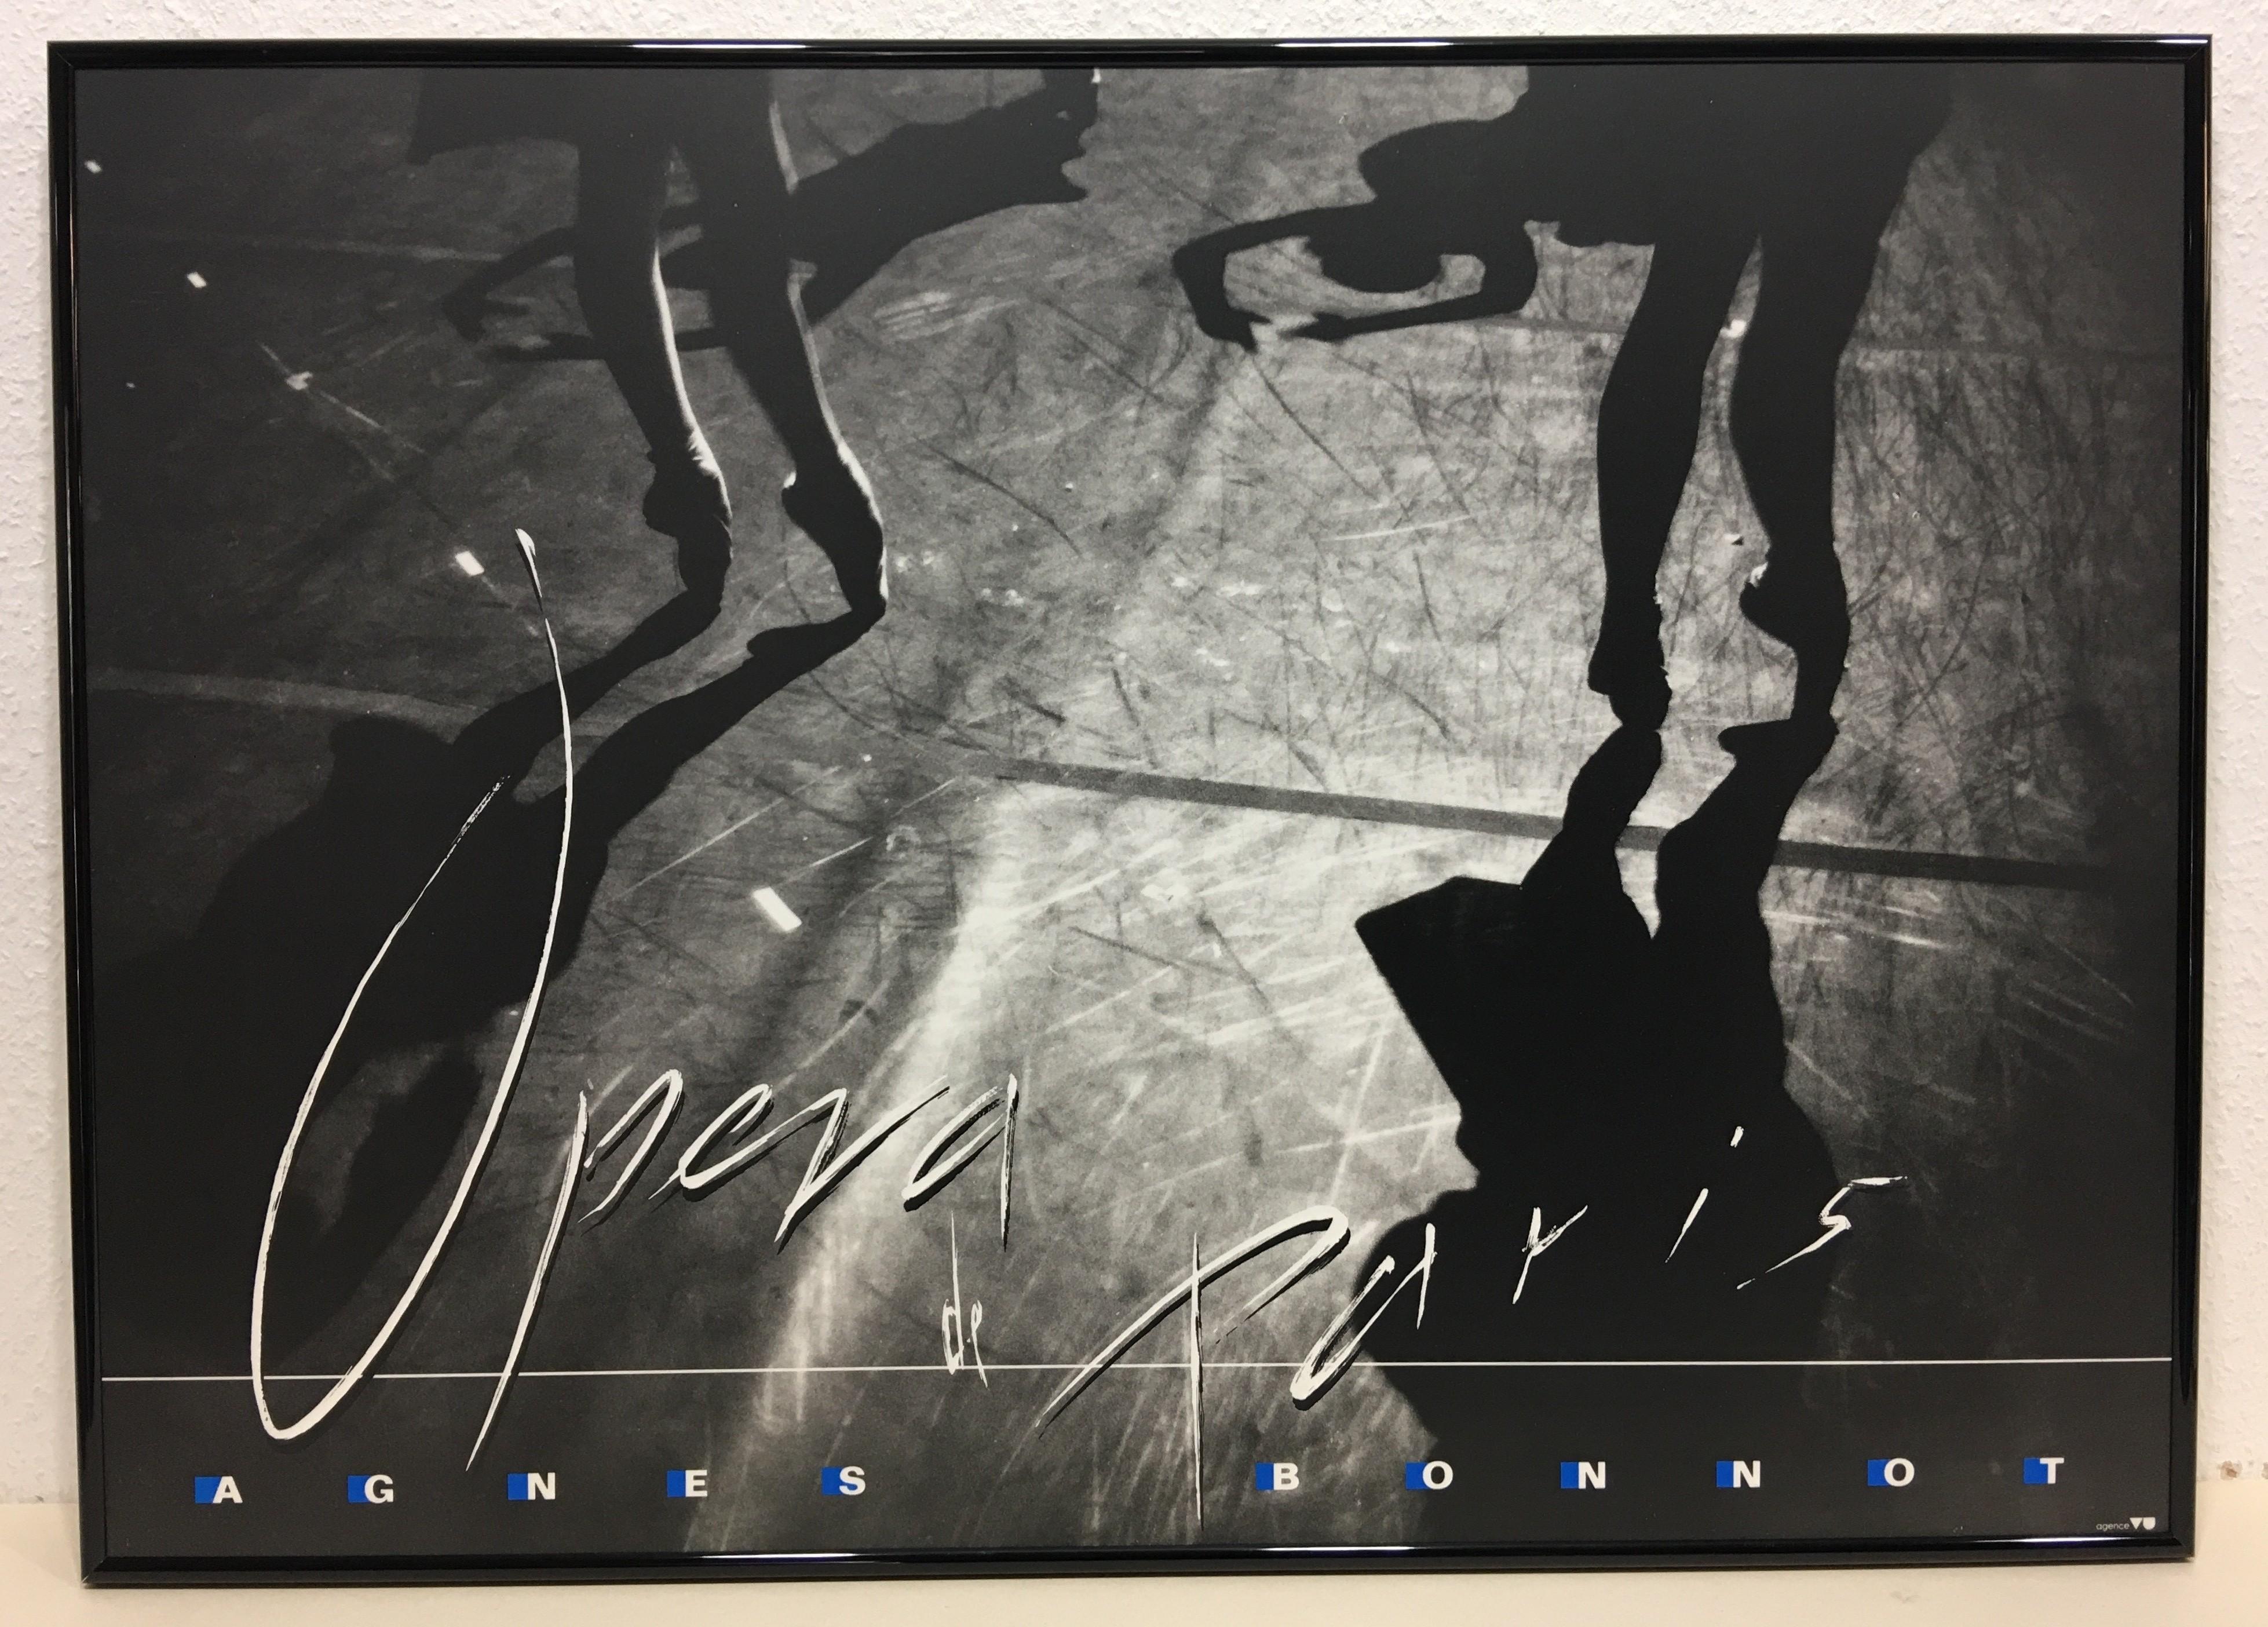 Gerahmtes Bild, Aluminium schwarz glänzend, Folie, Agnes Bonnot, Opera de Paris (Fotografie, Bühne, Ballet, modern, zeitgenössisch, Wohnzimmer, schwarzweiß)